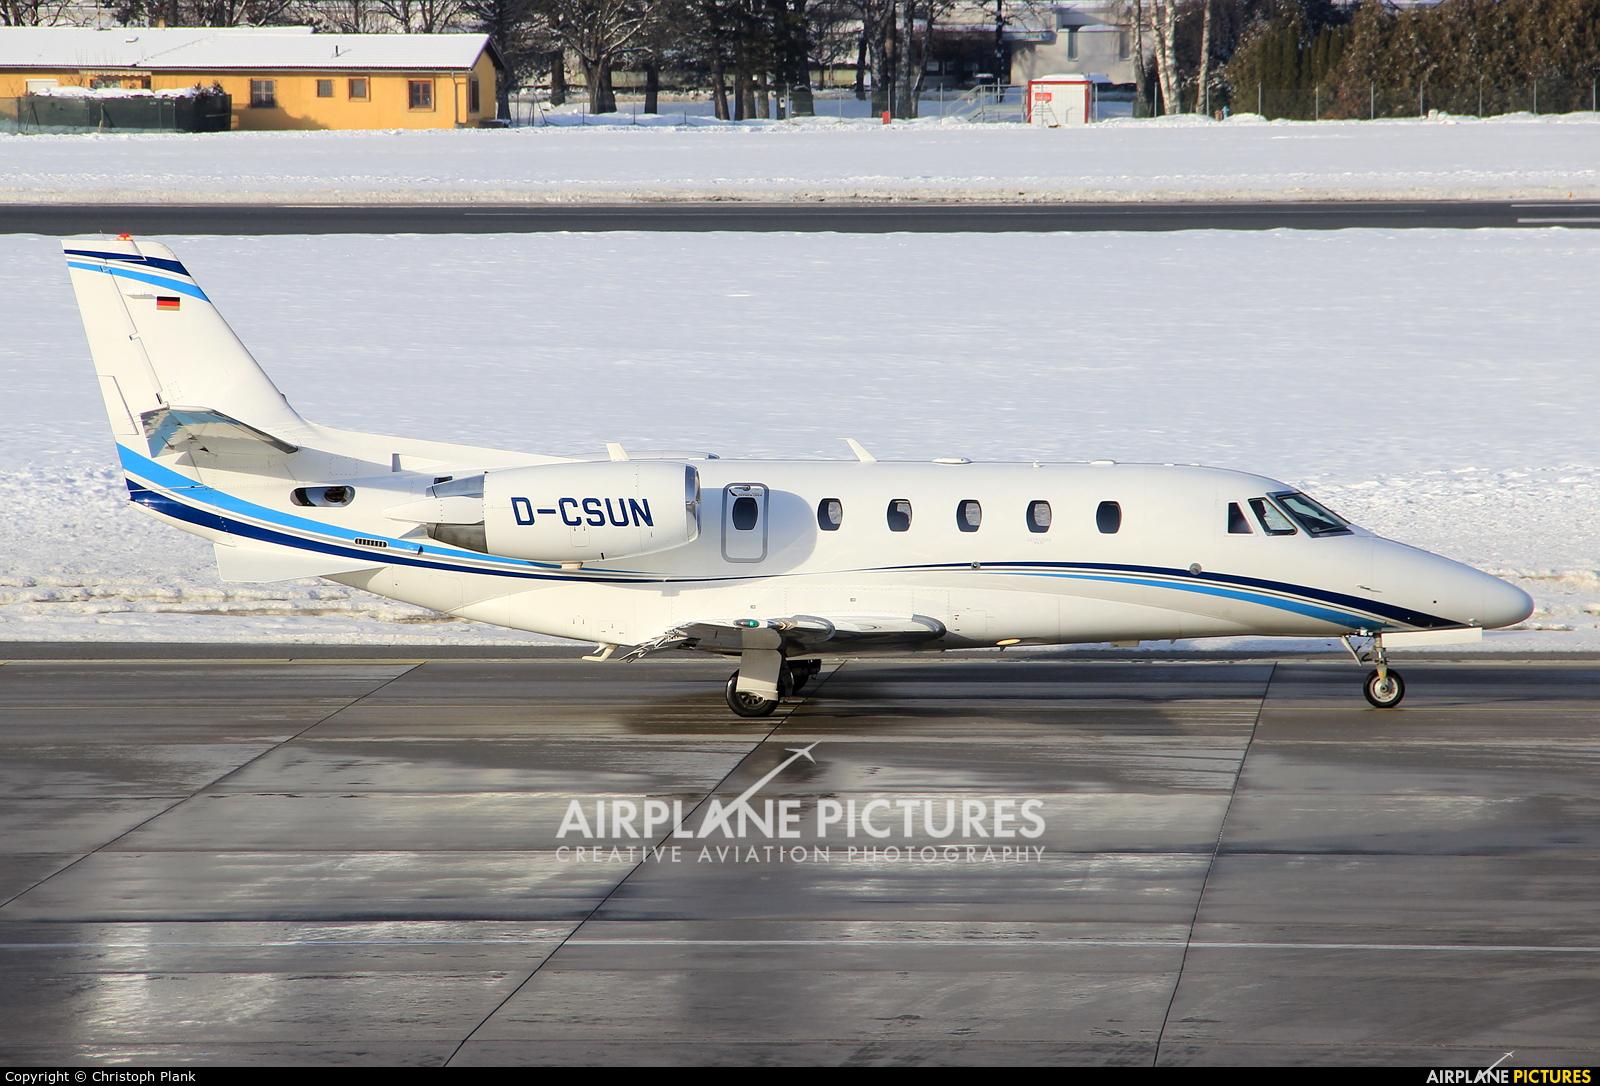 Air Hamburg D-CSUN aircraft at Innsbruck